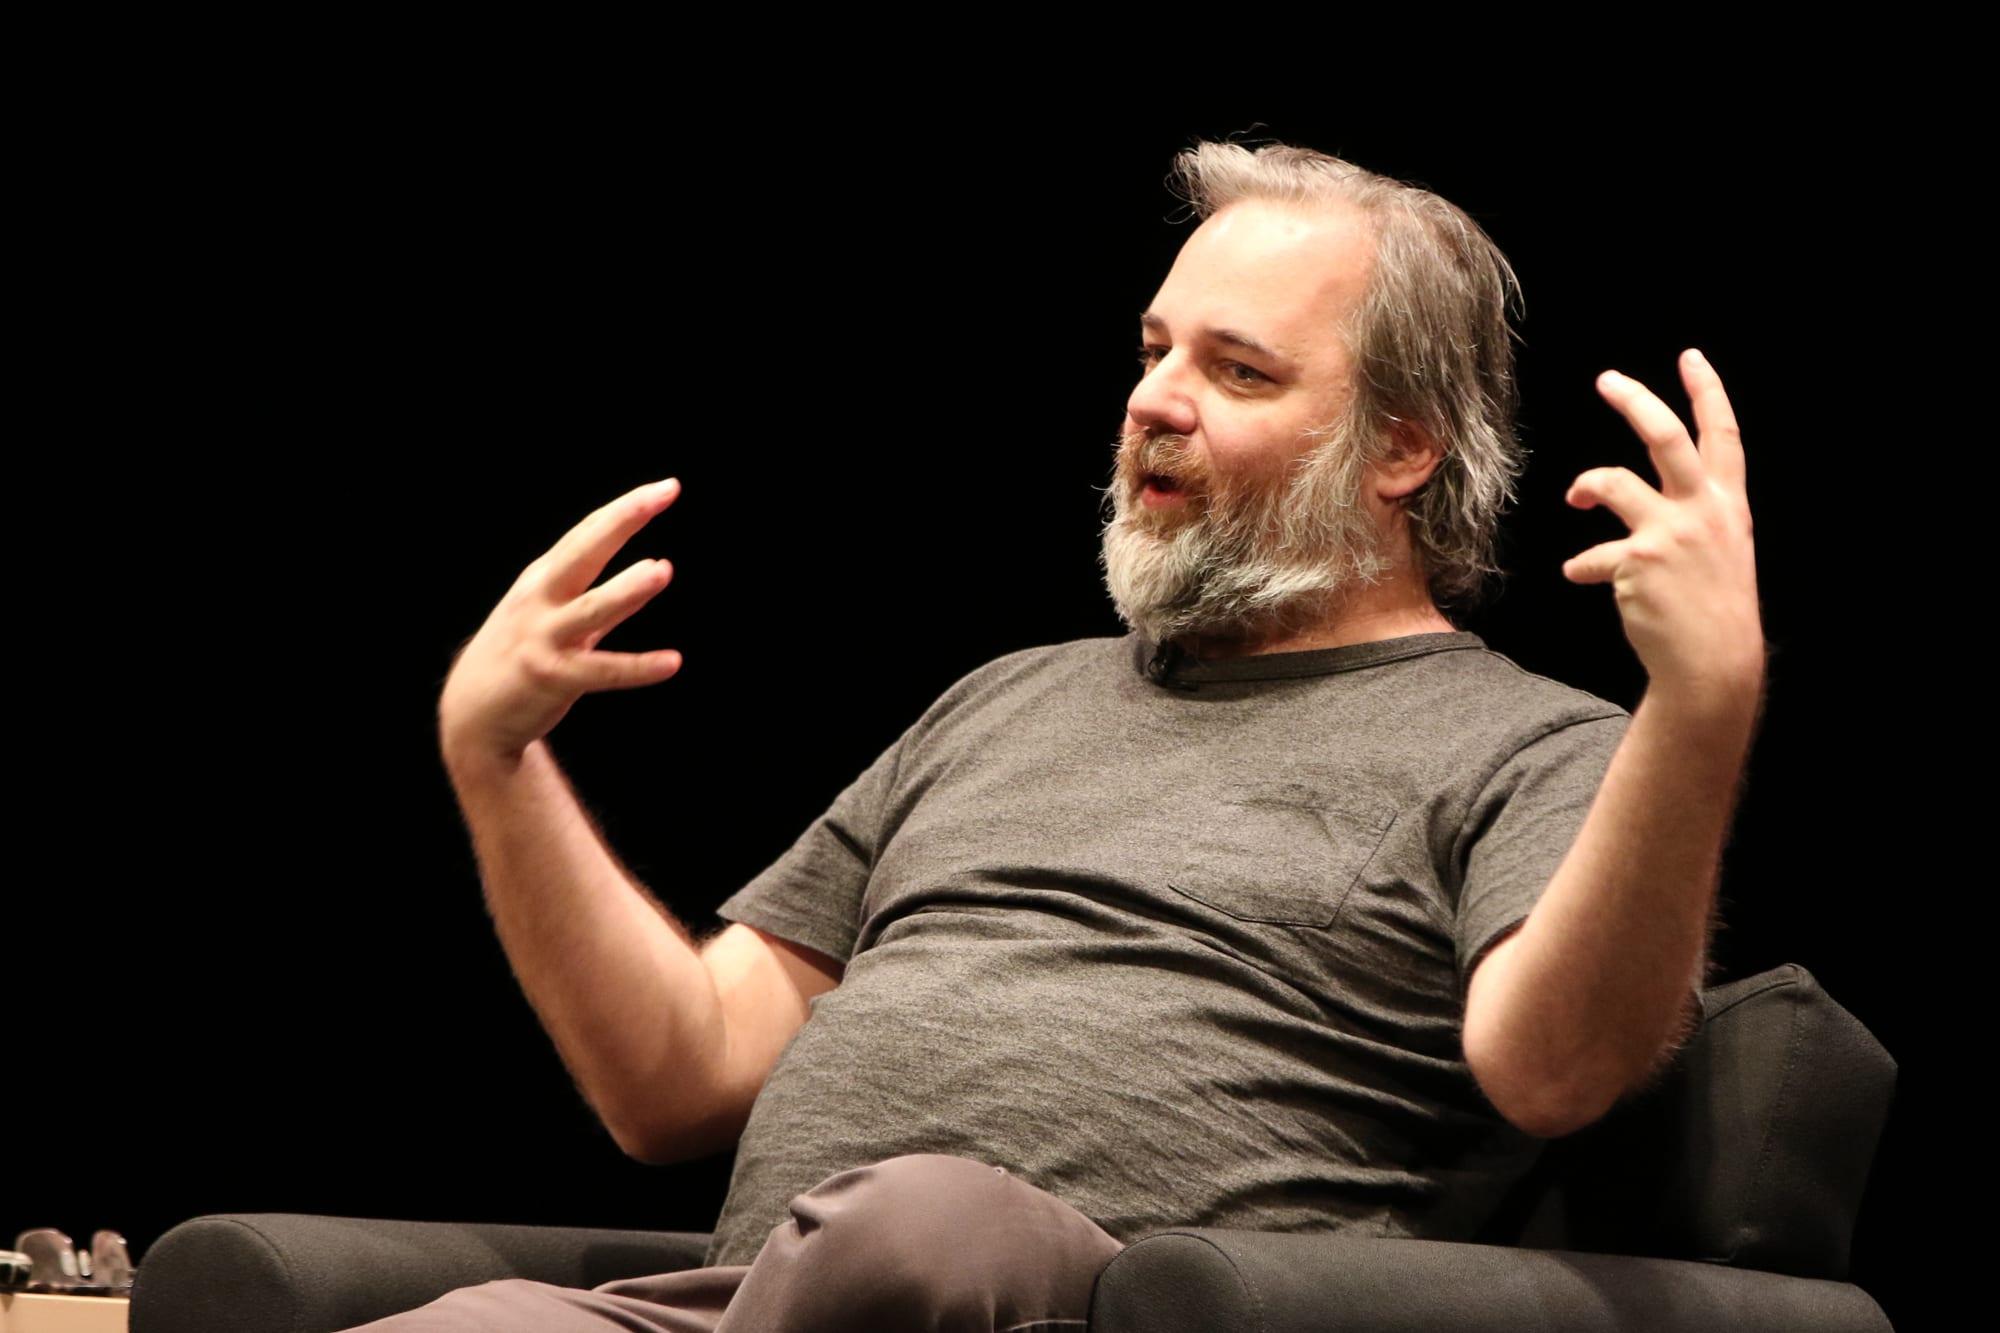 Dan Harmon realizzerà una serie animata sull'antica Grecia